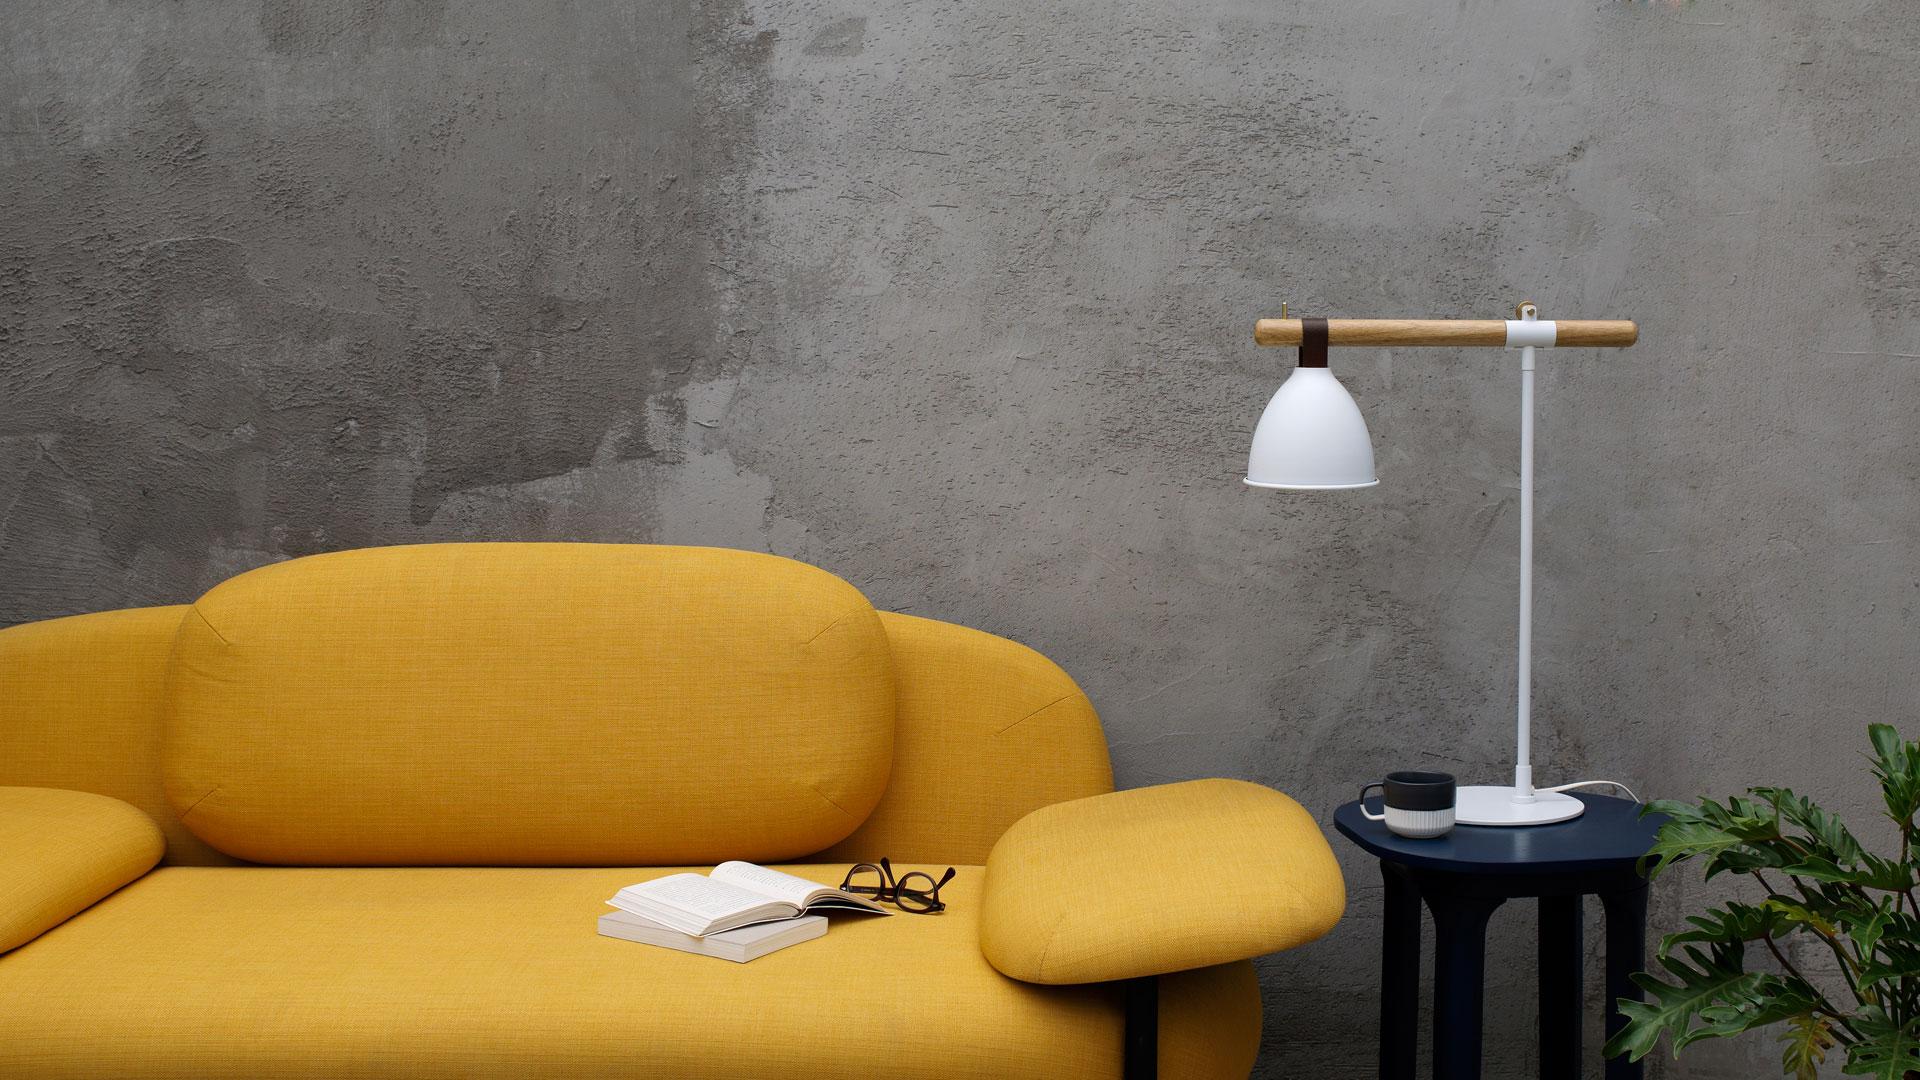 单纯平直的线条撑起全灯的身姿,白橡木、牛皮、黄铜、铁质,4种温润材质巧妙衔接,配合朴素廓形,将朴实自然的芬兰气息注入现代空间。?x-oss-process=image/format,jpg/interlace,1